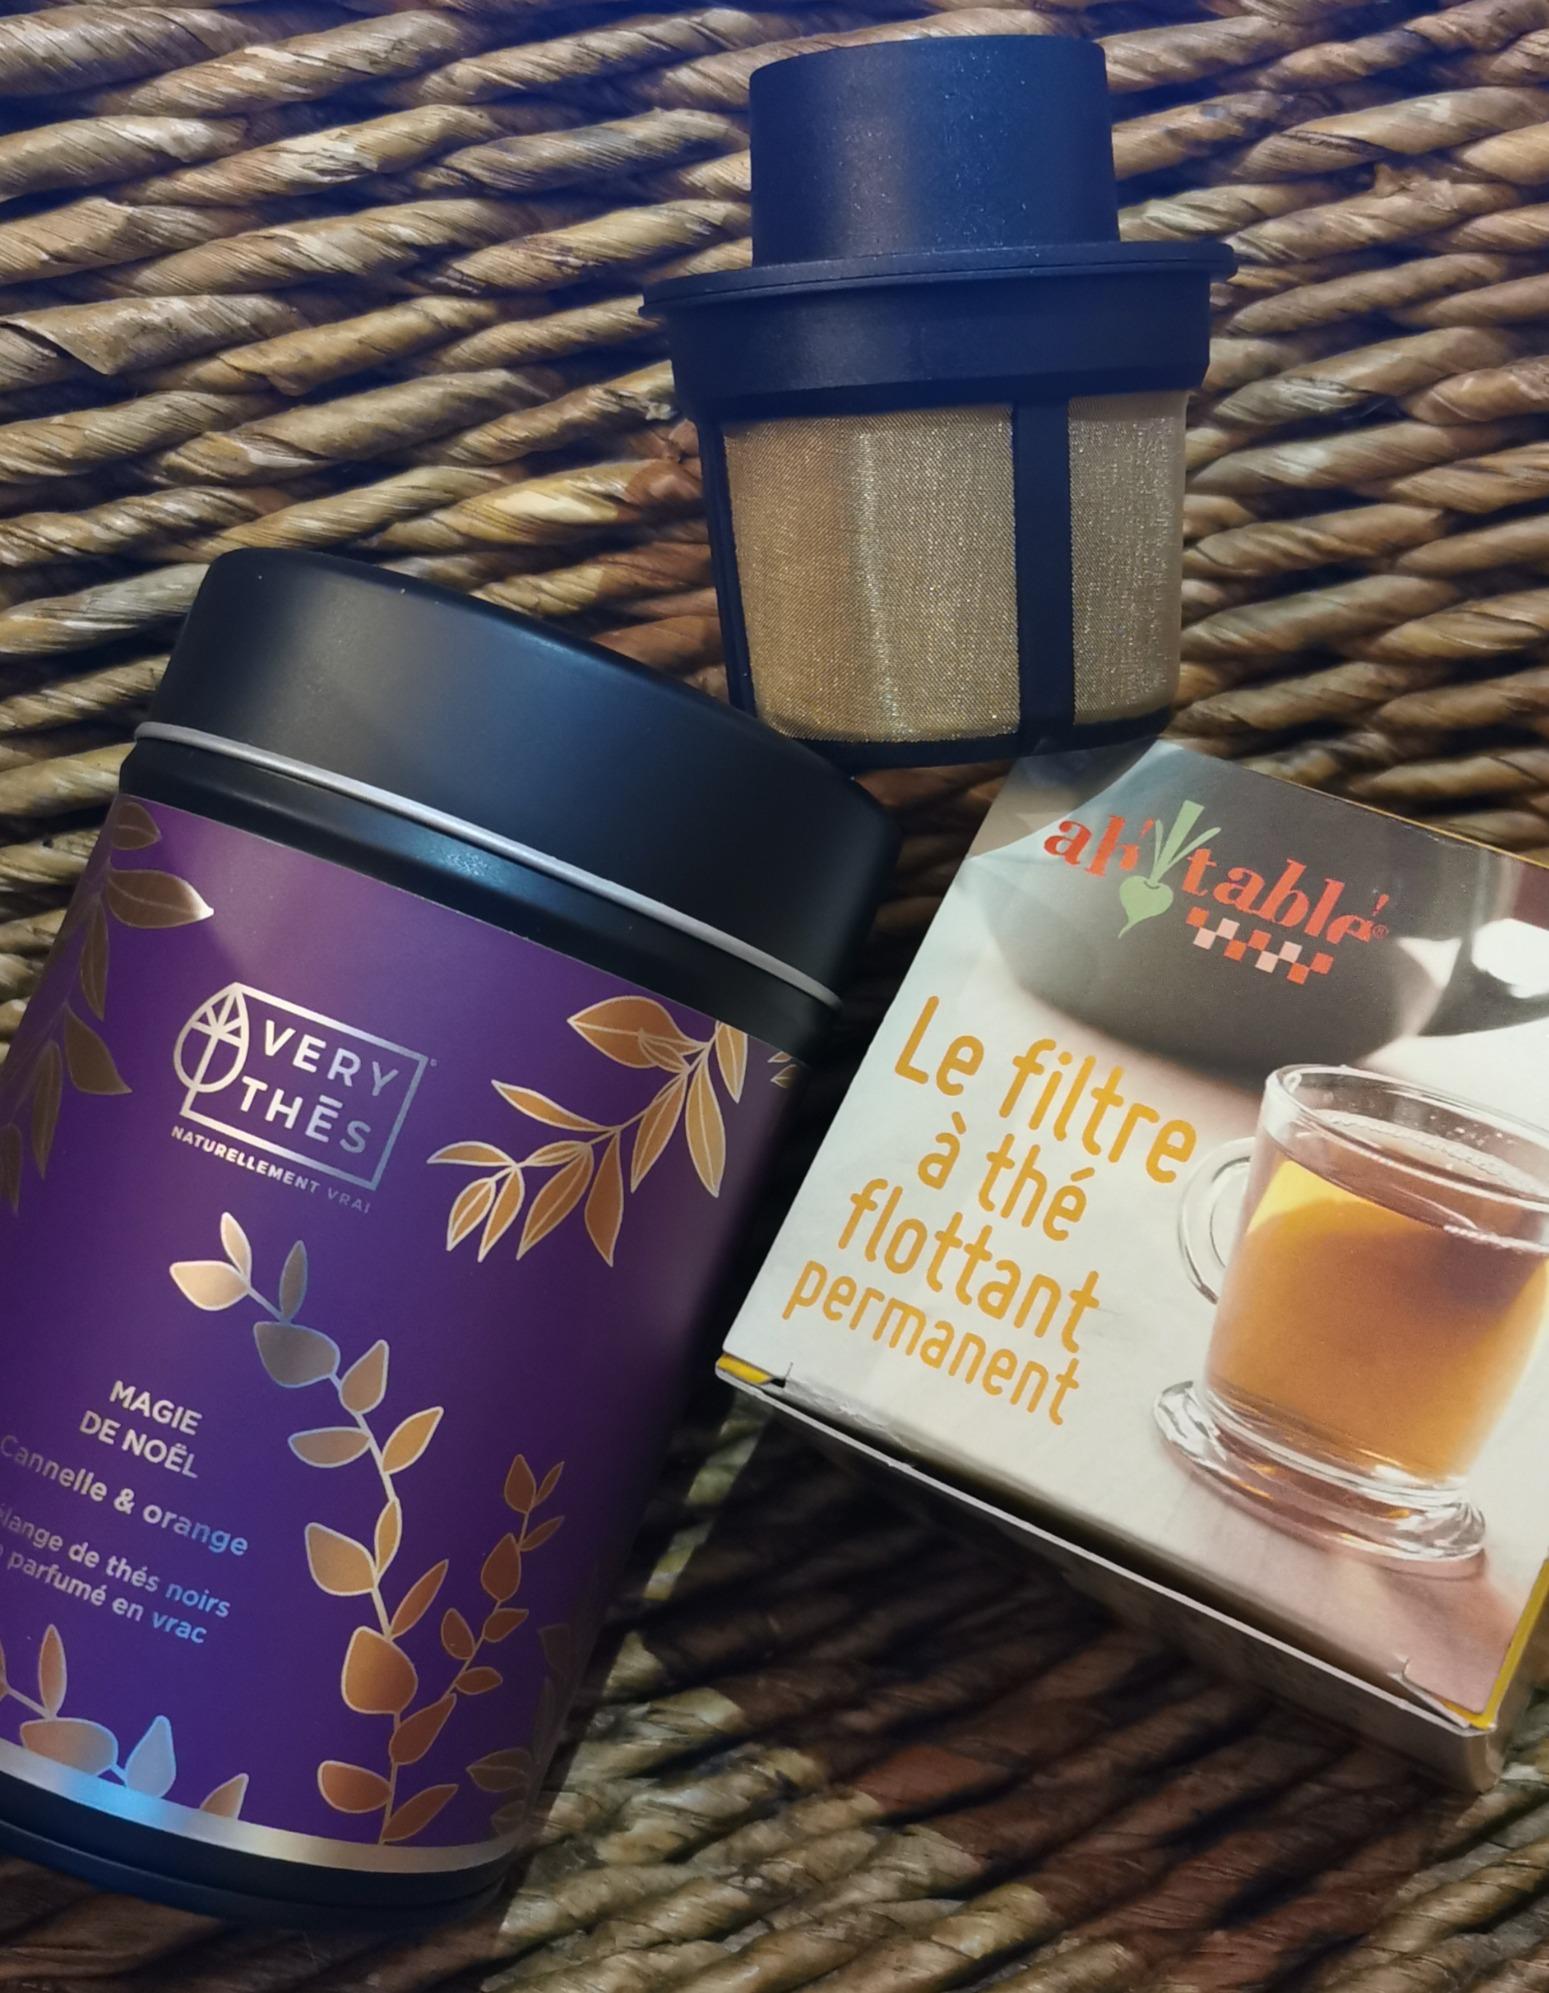 THE FLOTTANT - 1 sélection de thé de Noël dans sa boîte collector, filtre à thé flottant - 24,80€